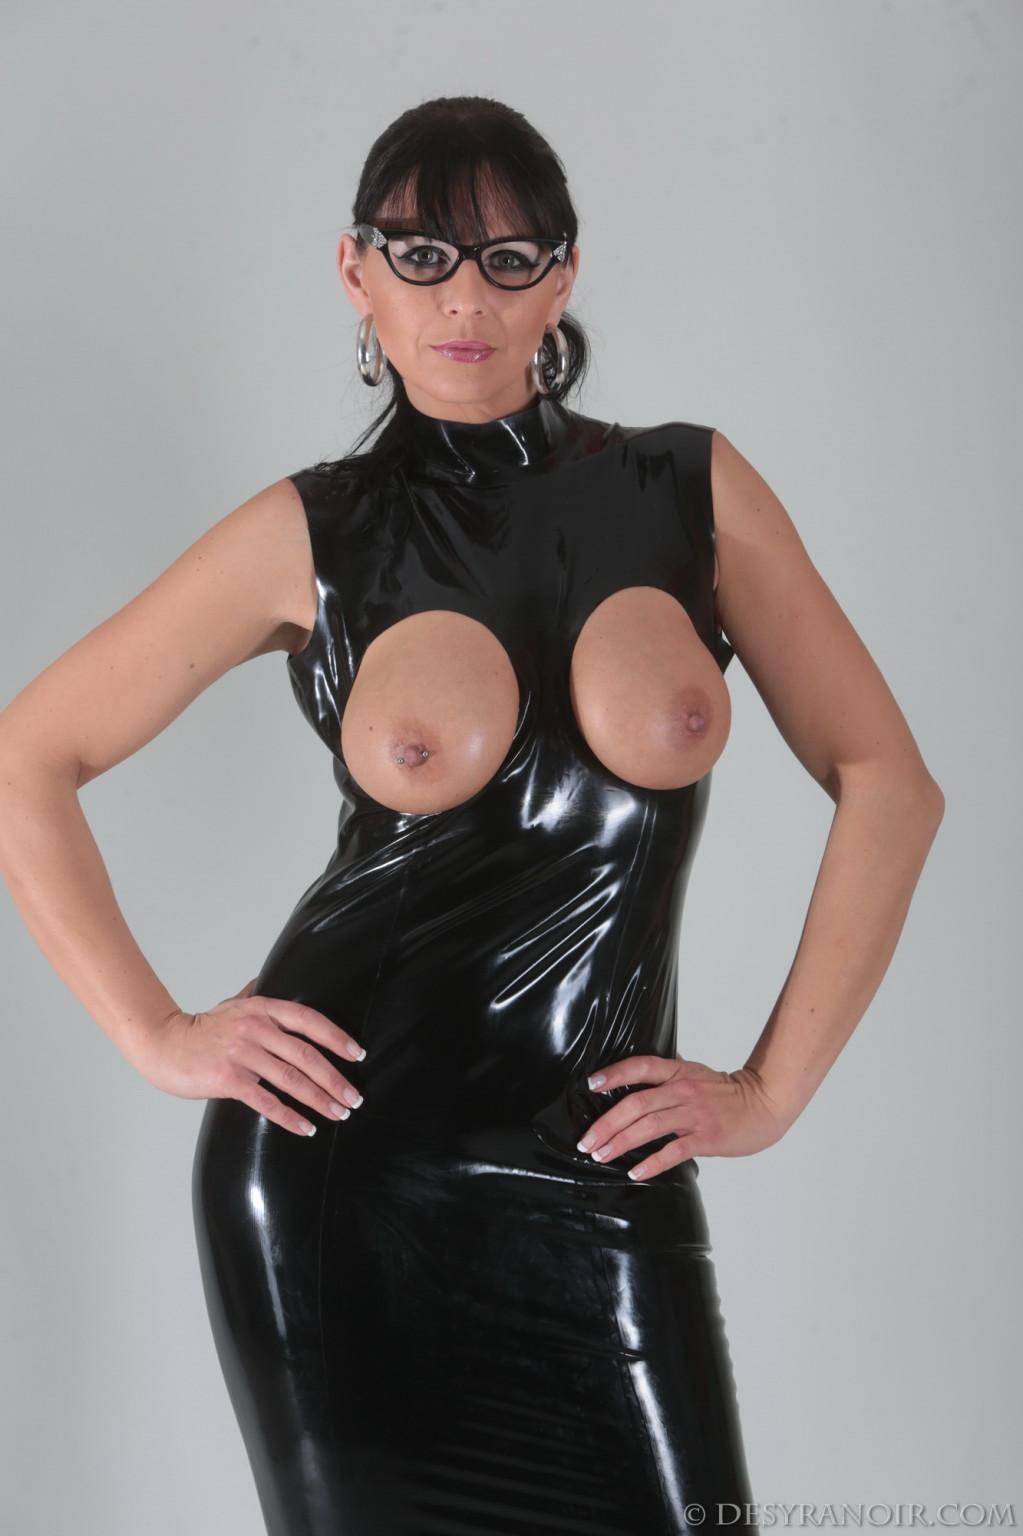 Зрелая немка с голыми сиськами в латексном платье